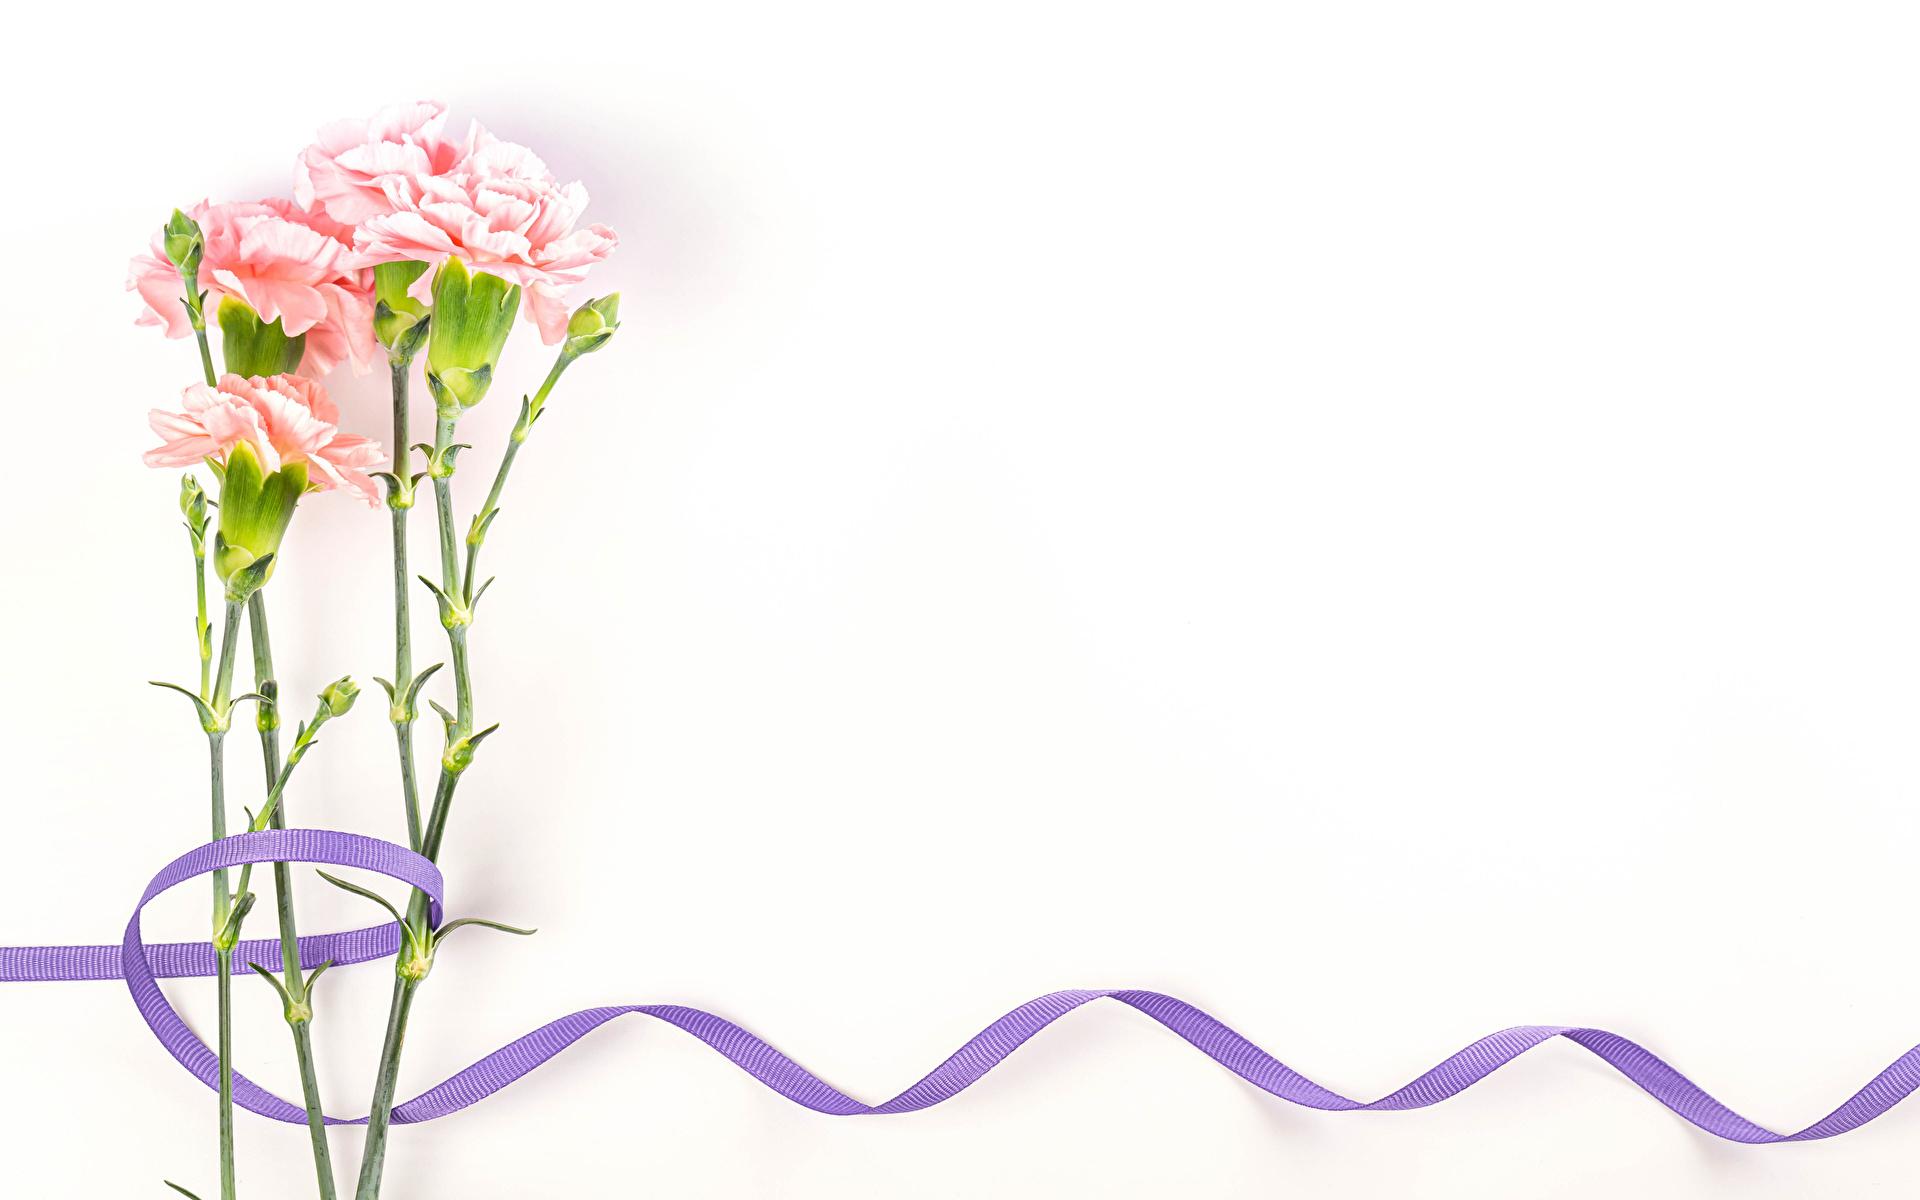 Achtergronden bureaublad anjer Bloemen Een lint Wenskaart Sjabloon Witte achtergrond 1920x1200 bloem Anjers wenskaartsjabloon